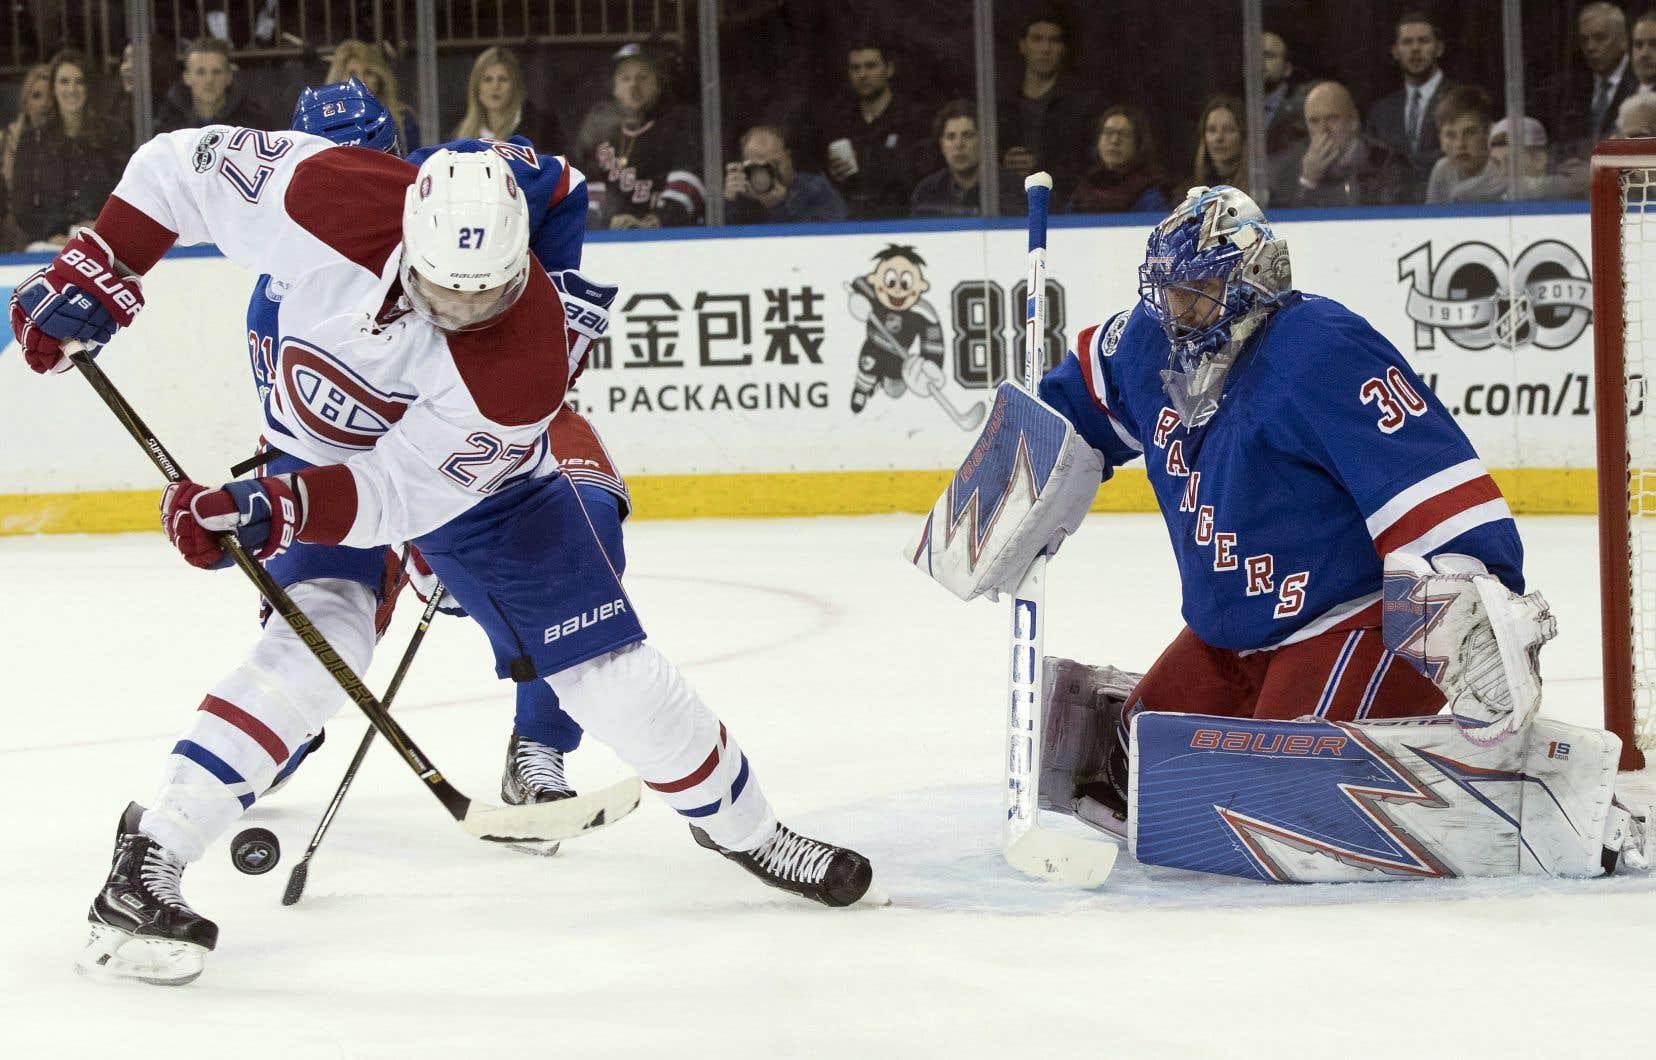 Capable de prouesses offensives, Alex Galchenyuk se fait discret trop souvent sur la patinoire selon son entraîneur-chef.